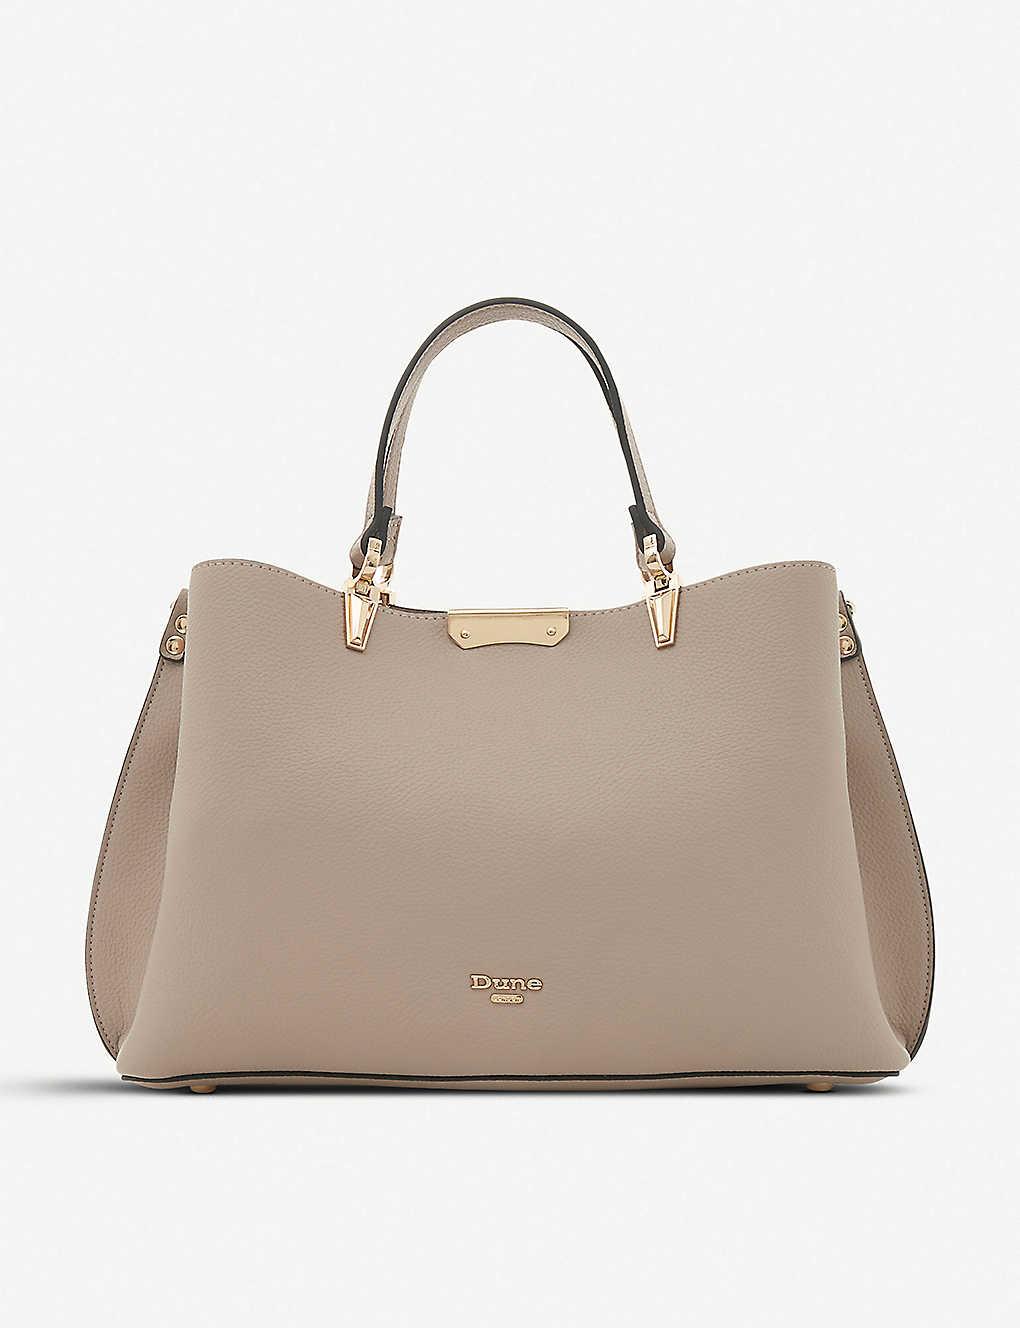 84eabca6f6a8 DUNE - Darrow Di tote handbag